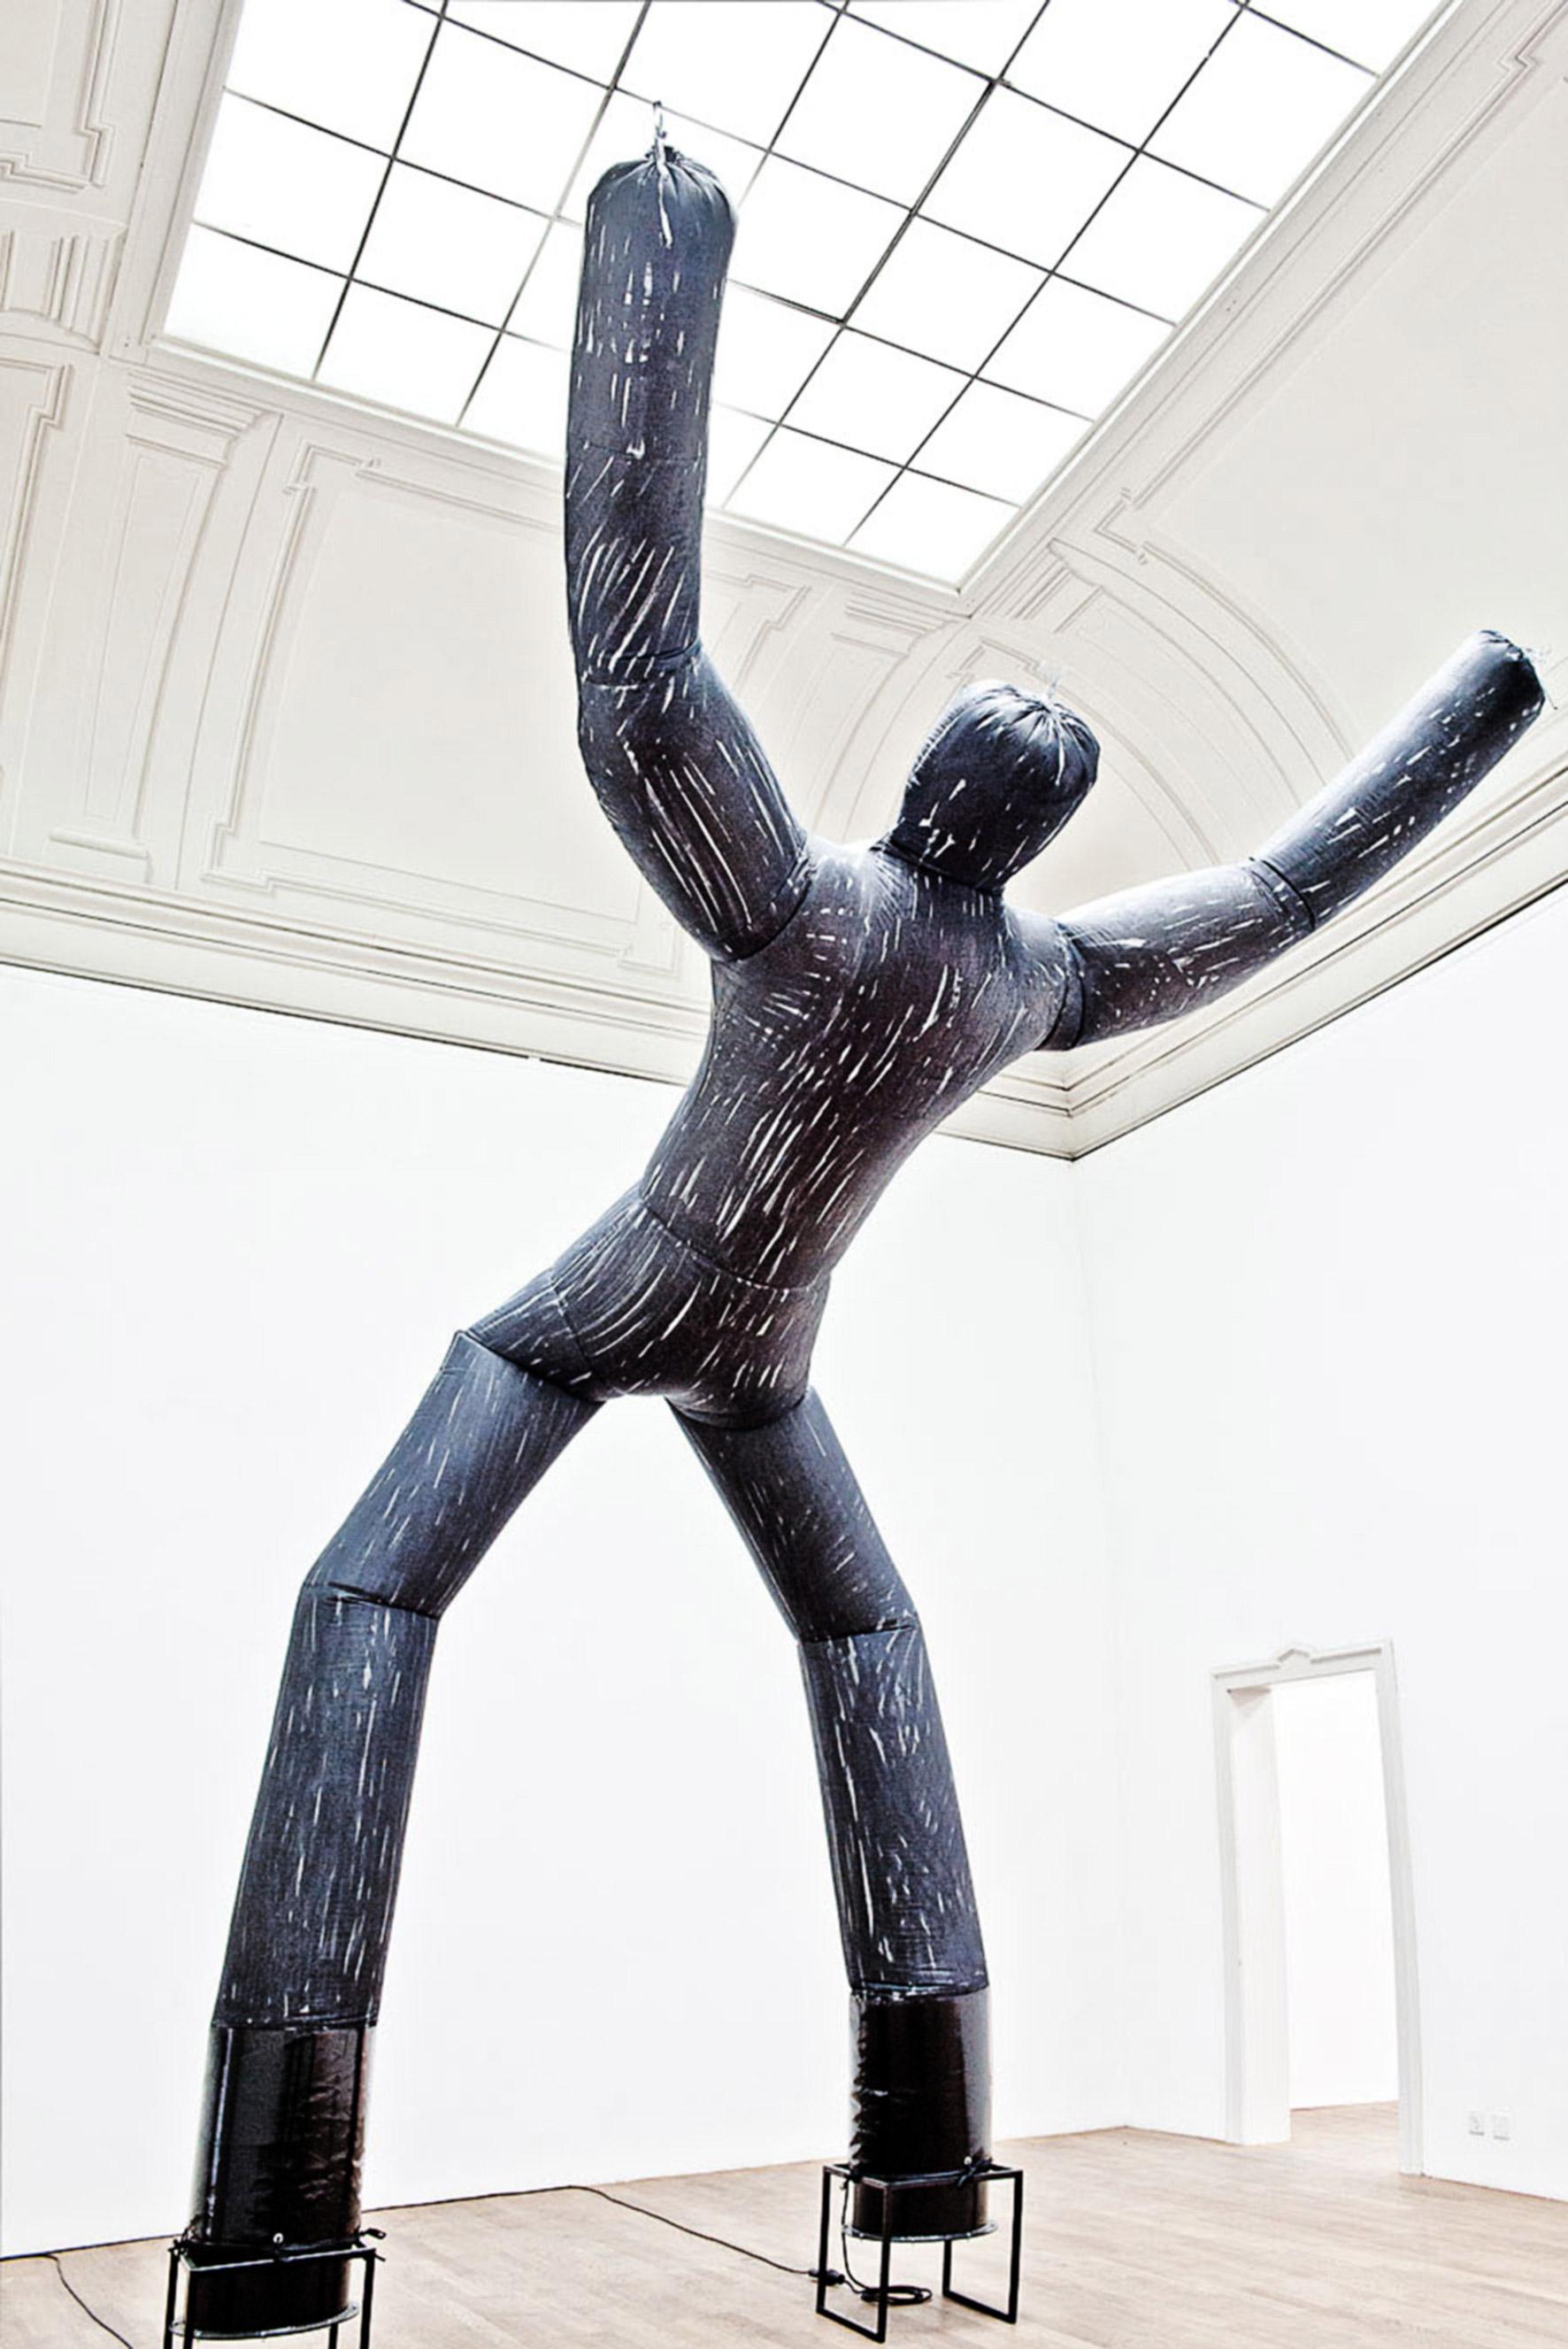 Konrad-Smolenski-Kunsthalle-Winterthur-2014-3.jpg